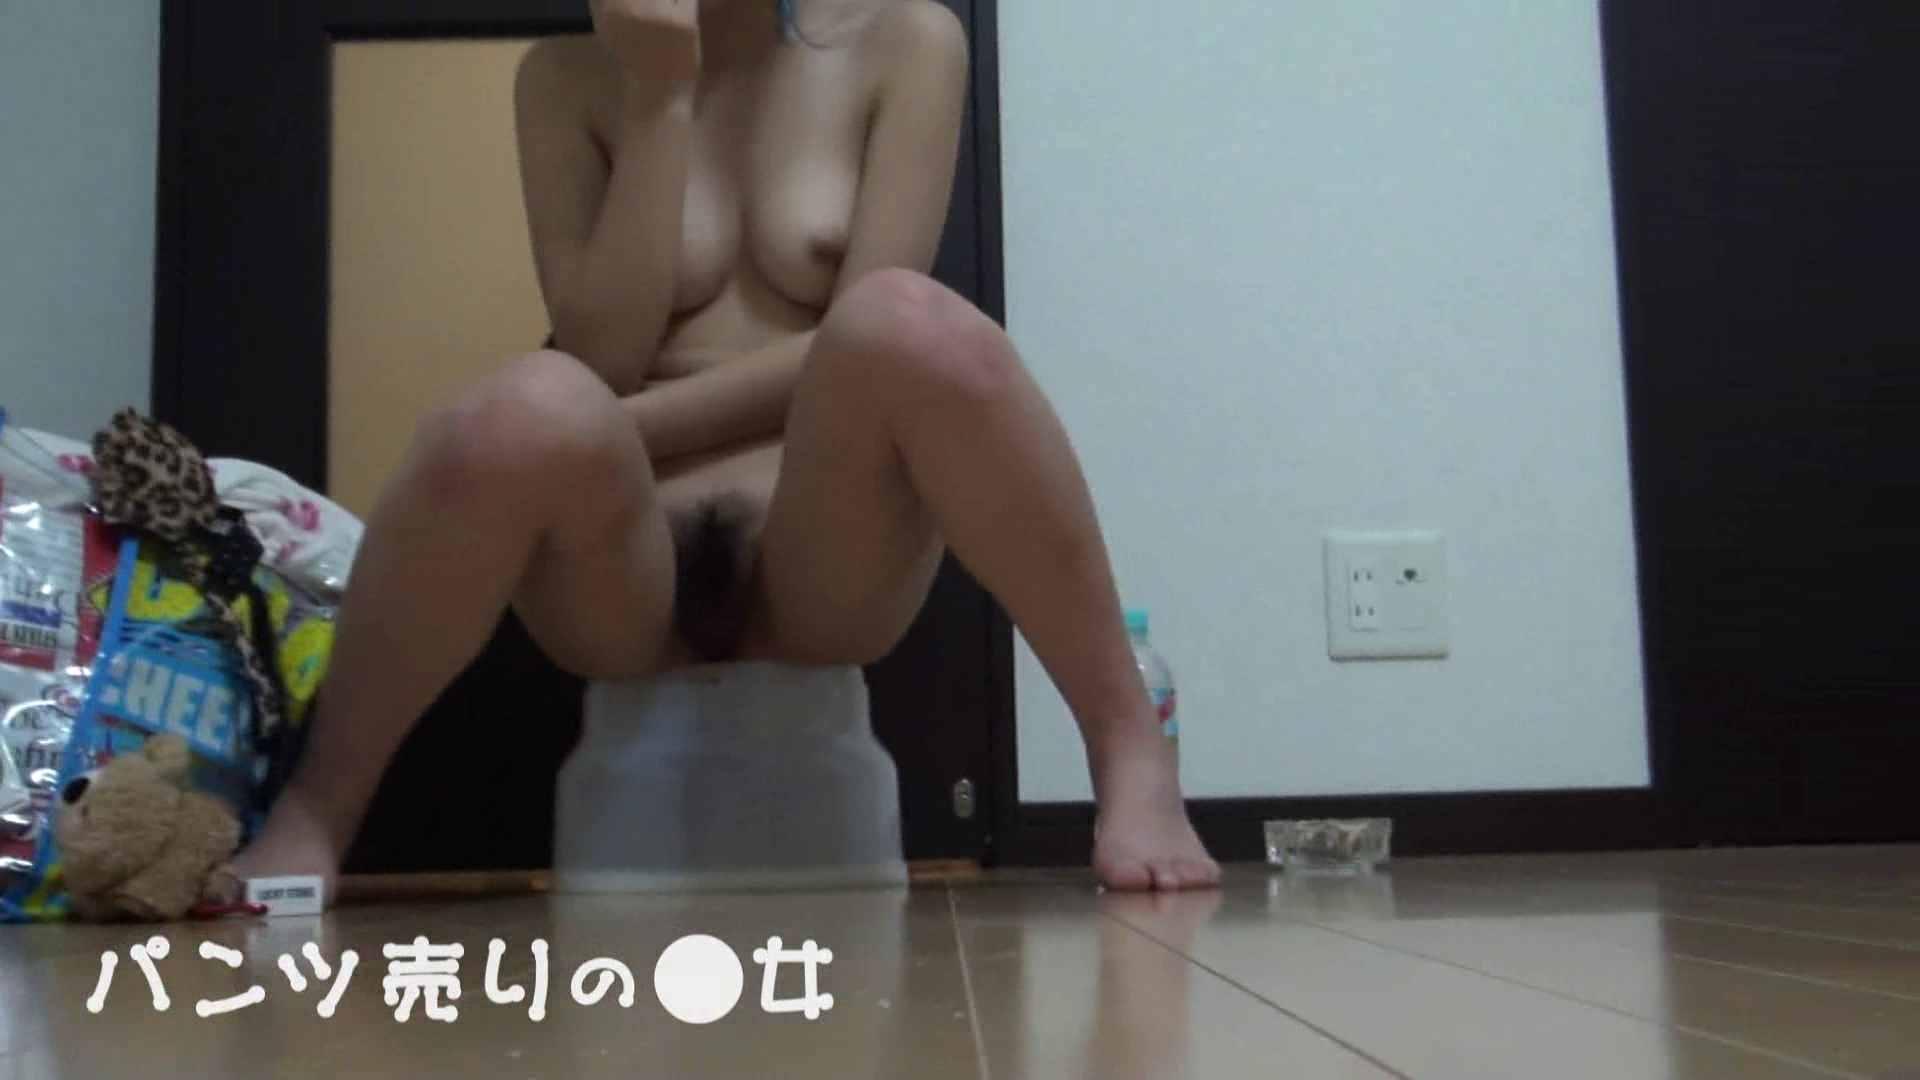 新説 パンツ売りの女の子nana02 おまんこ娘  48連発 16